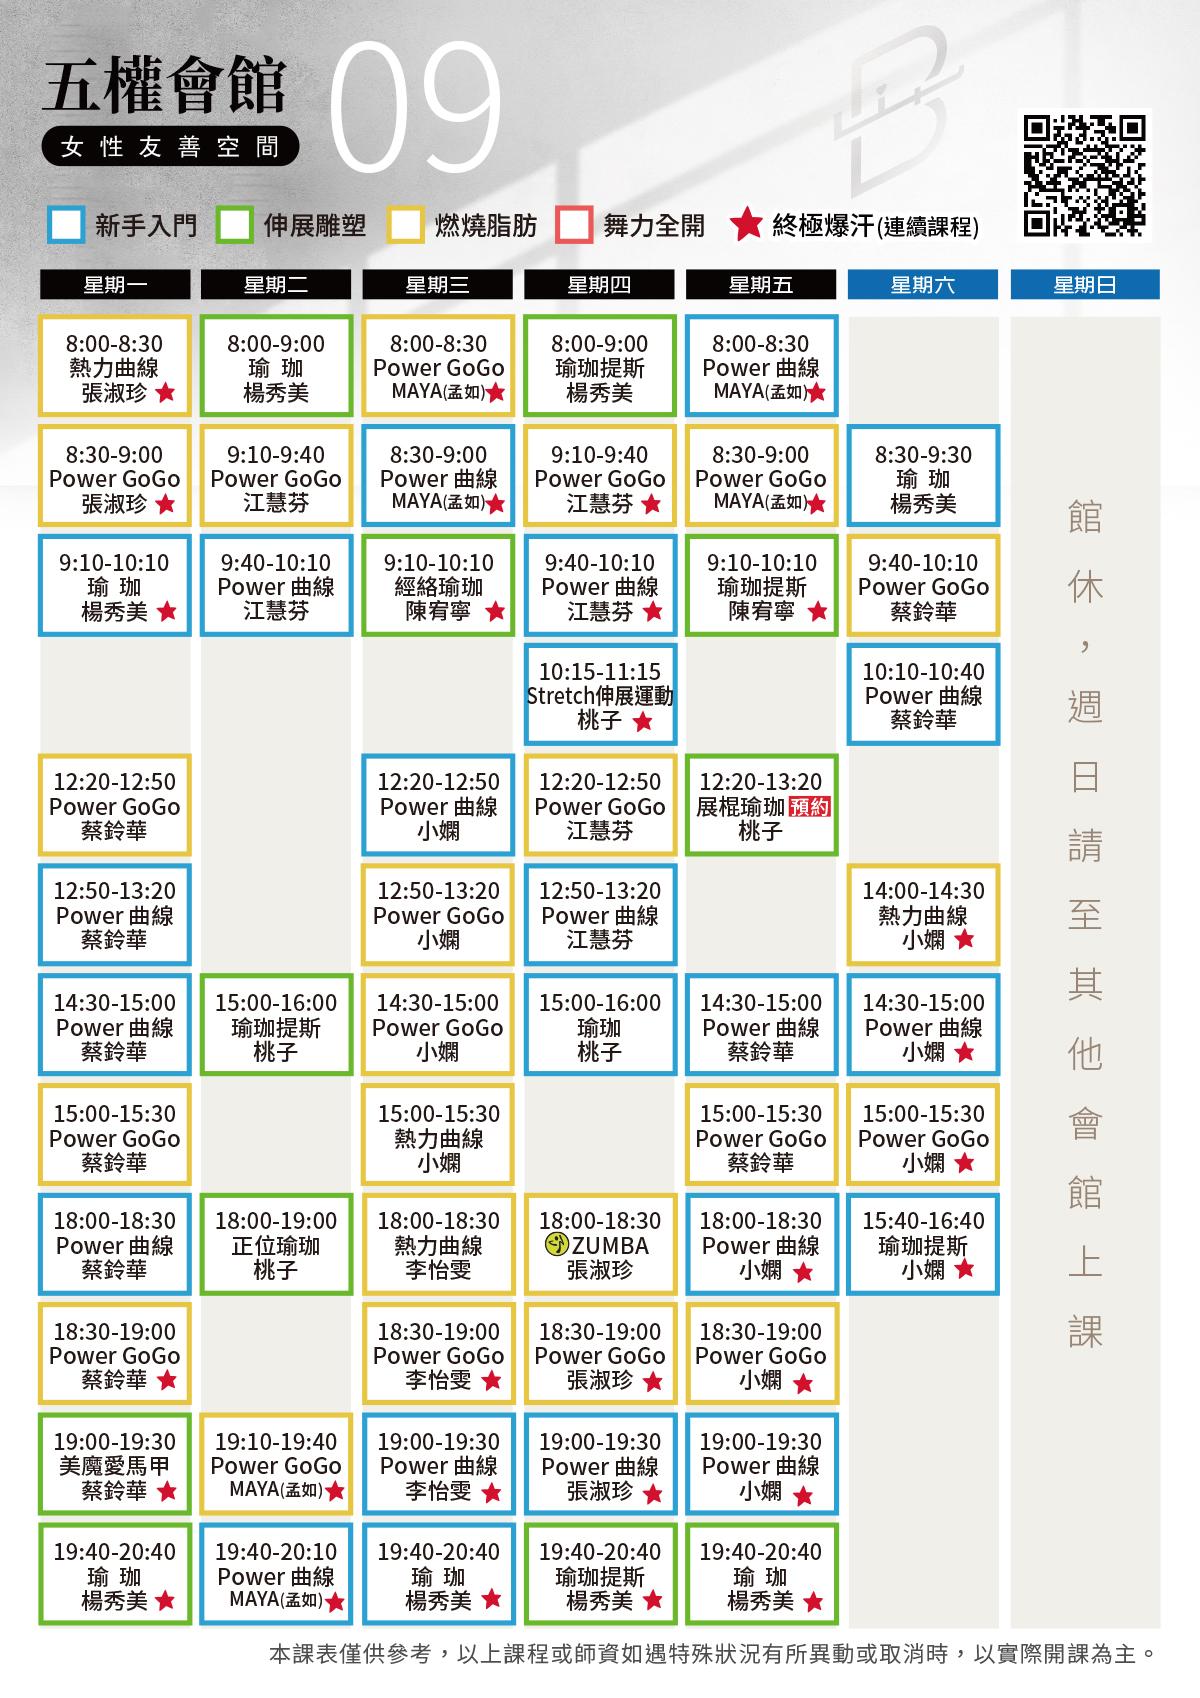 五權-9月課表